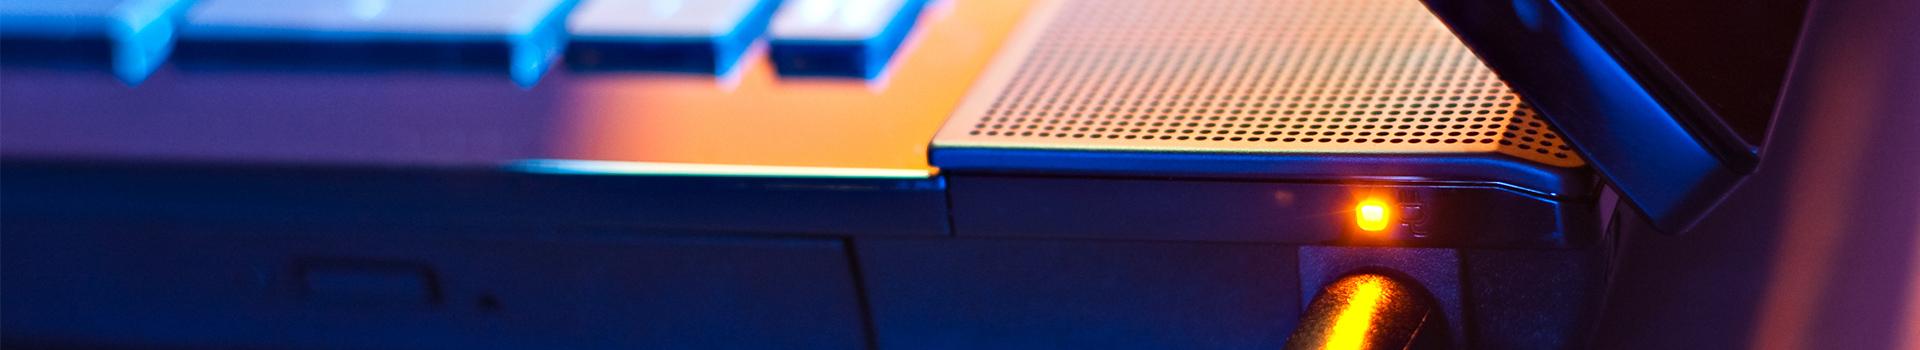 Accuduur van een laptop verlengen: 5 tips